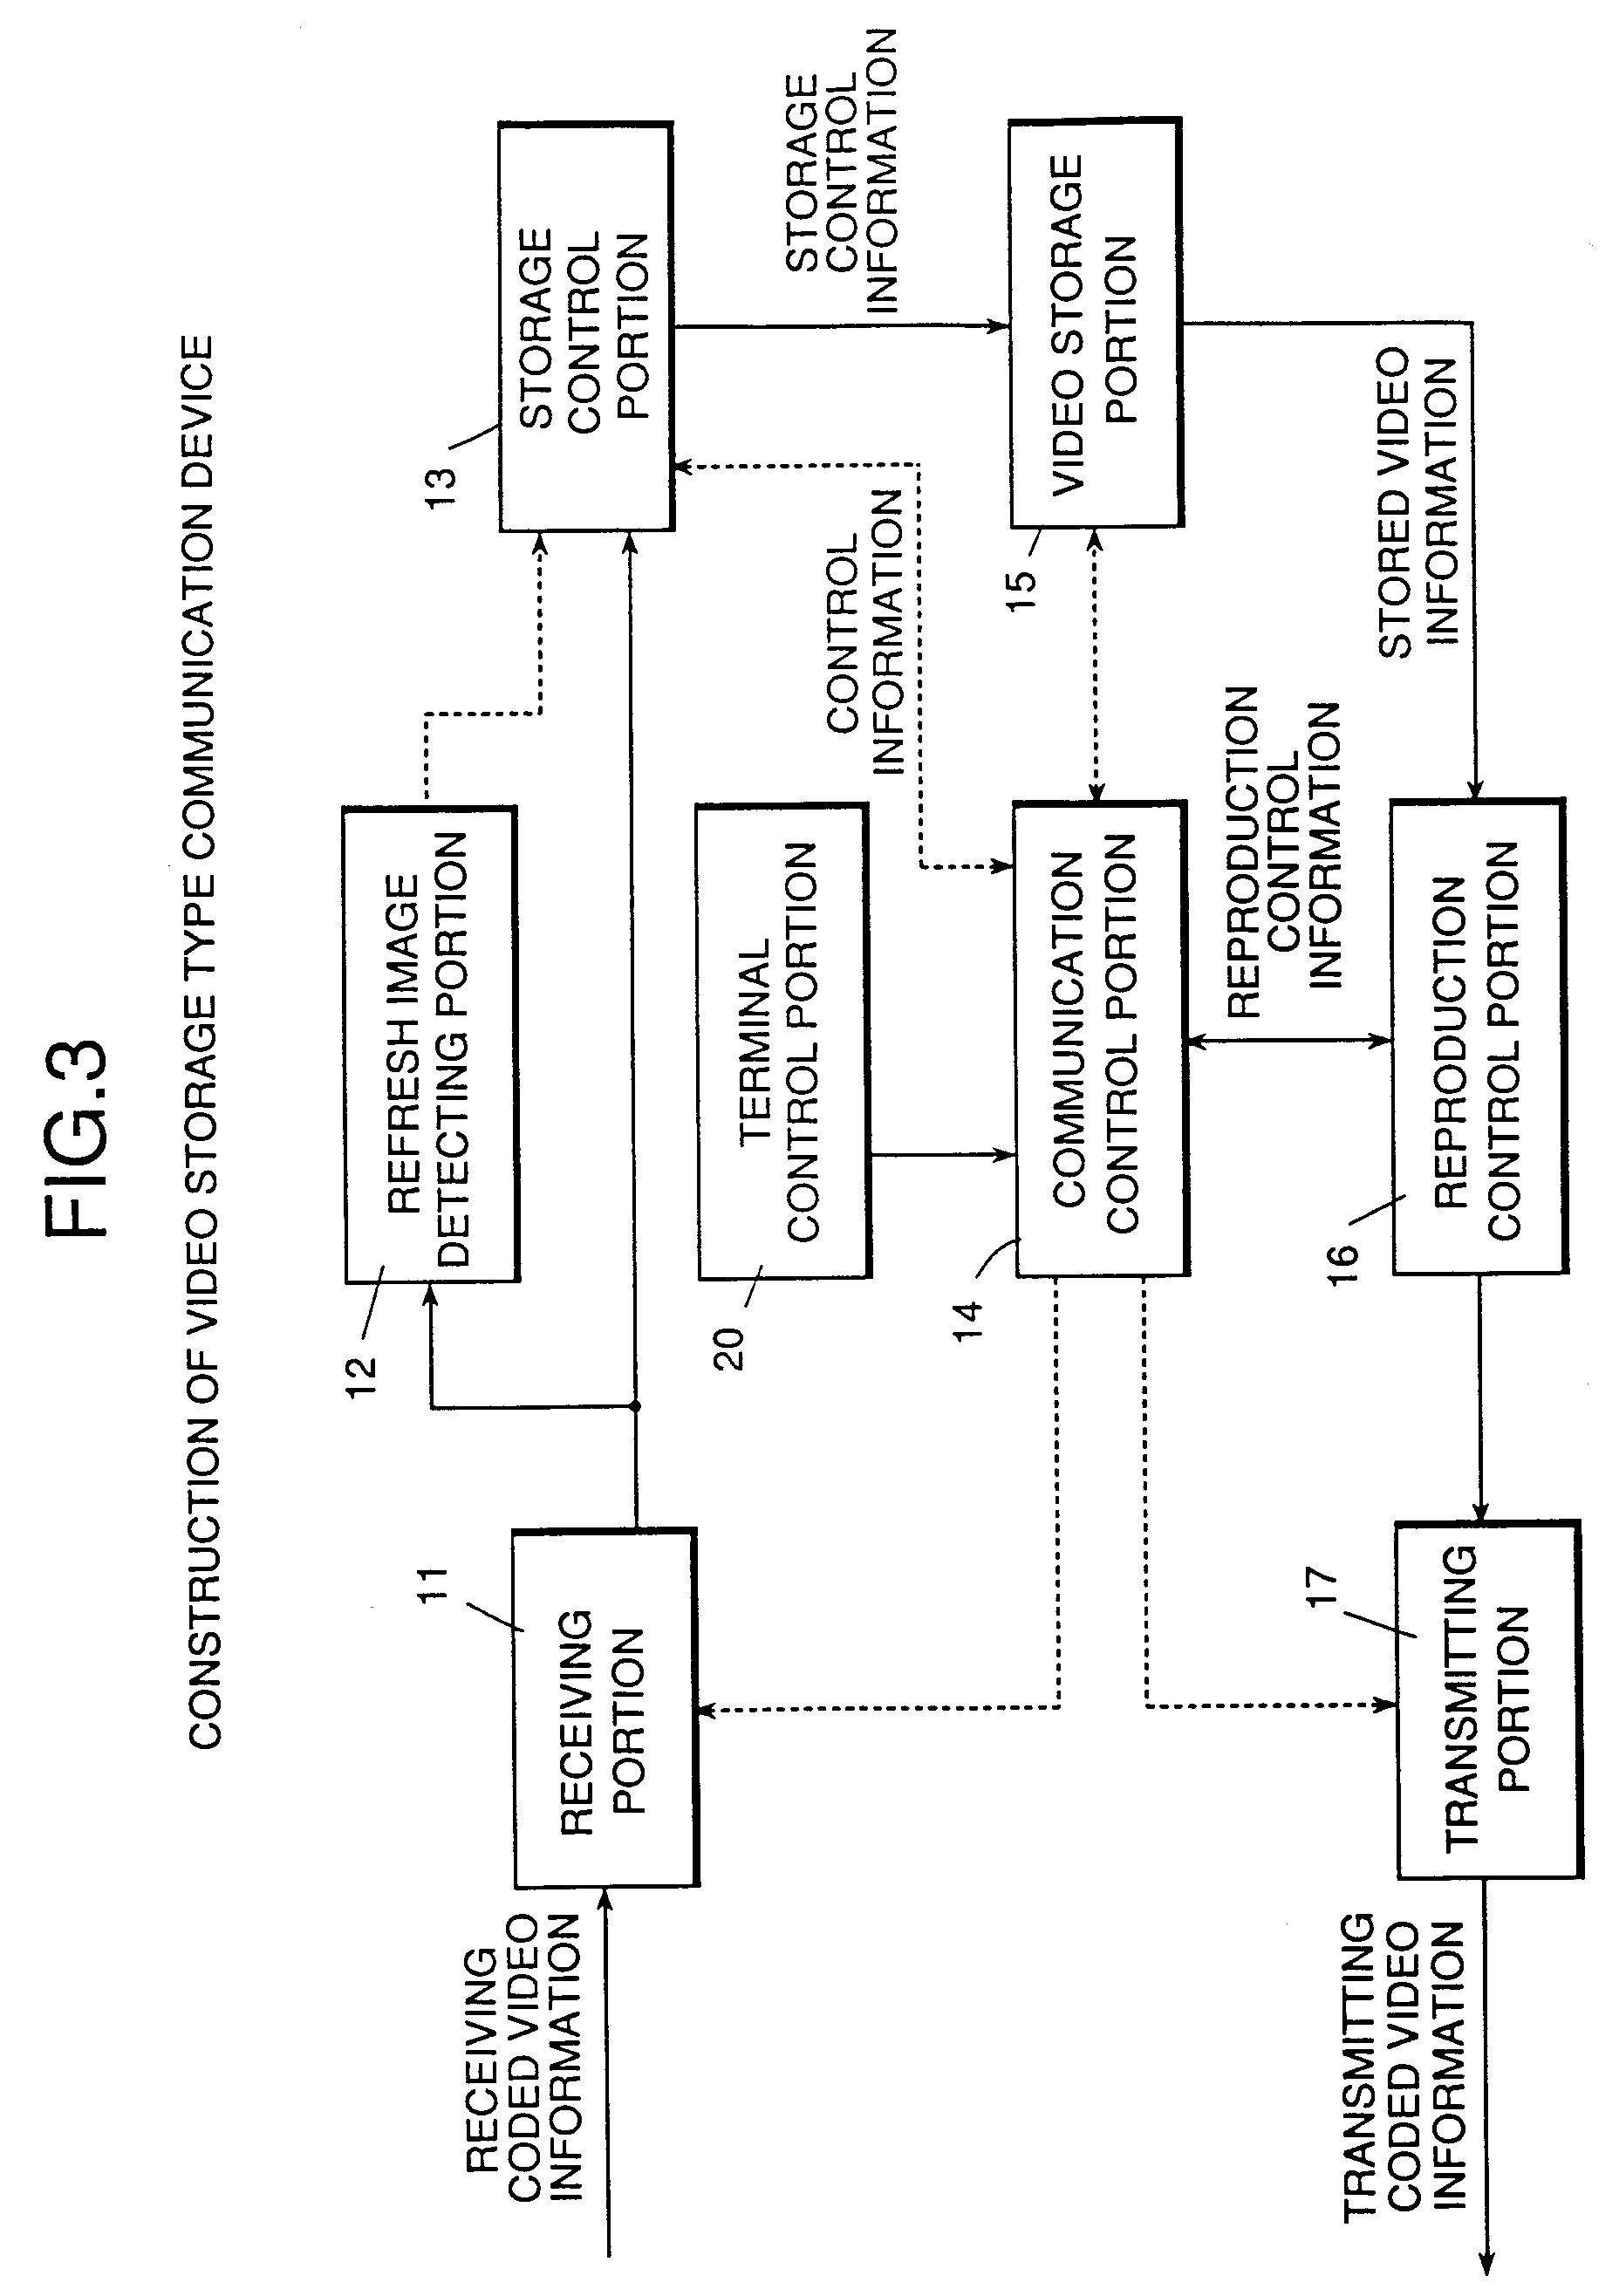 patent epa video storage type communication device patent drawing